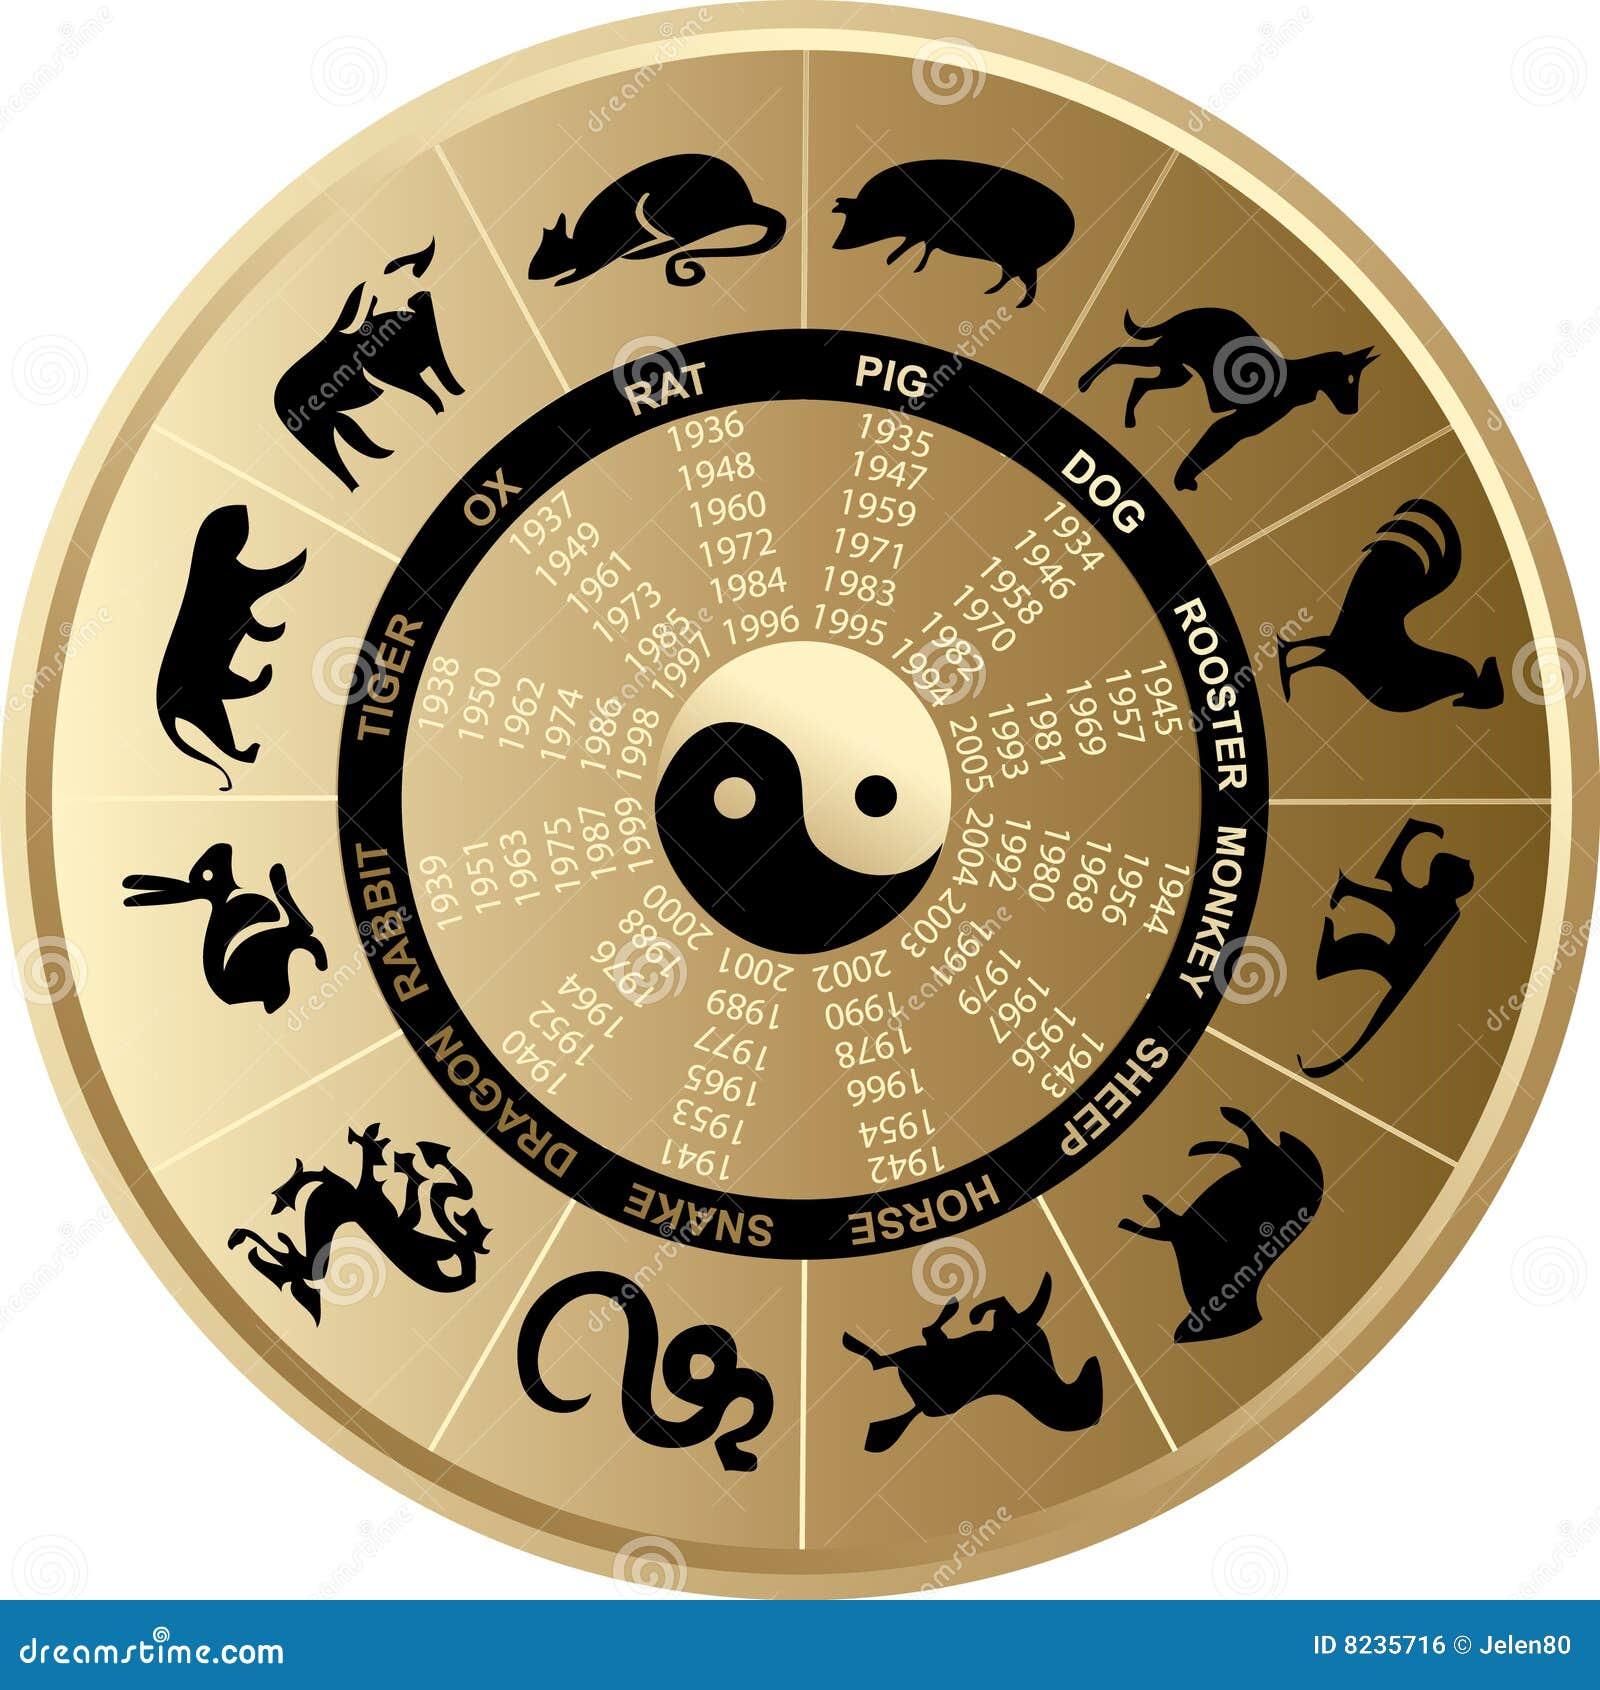 Horoscope chinese